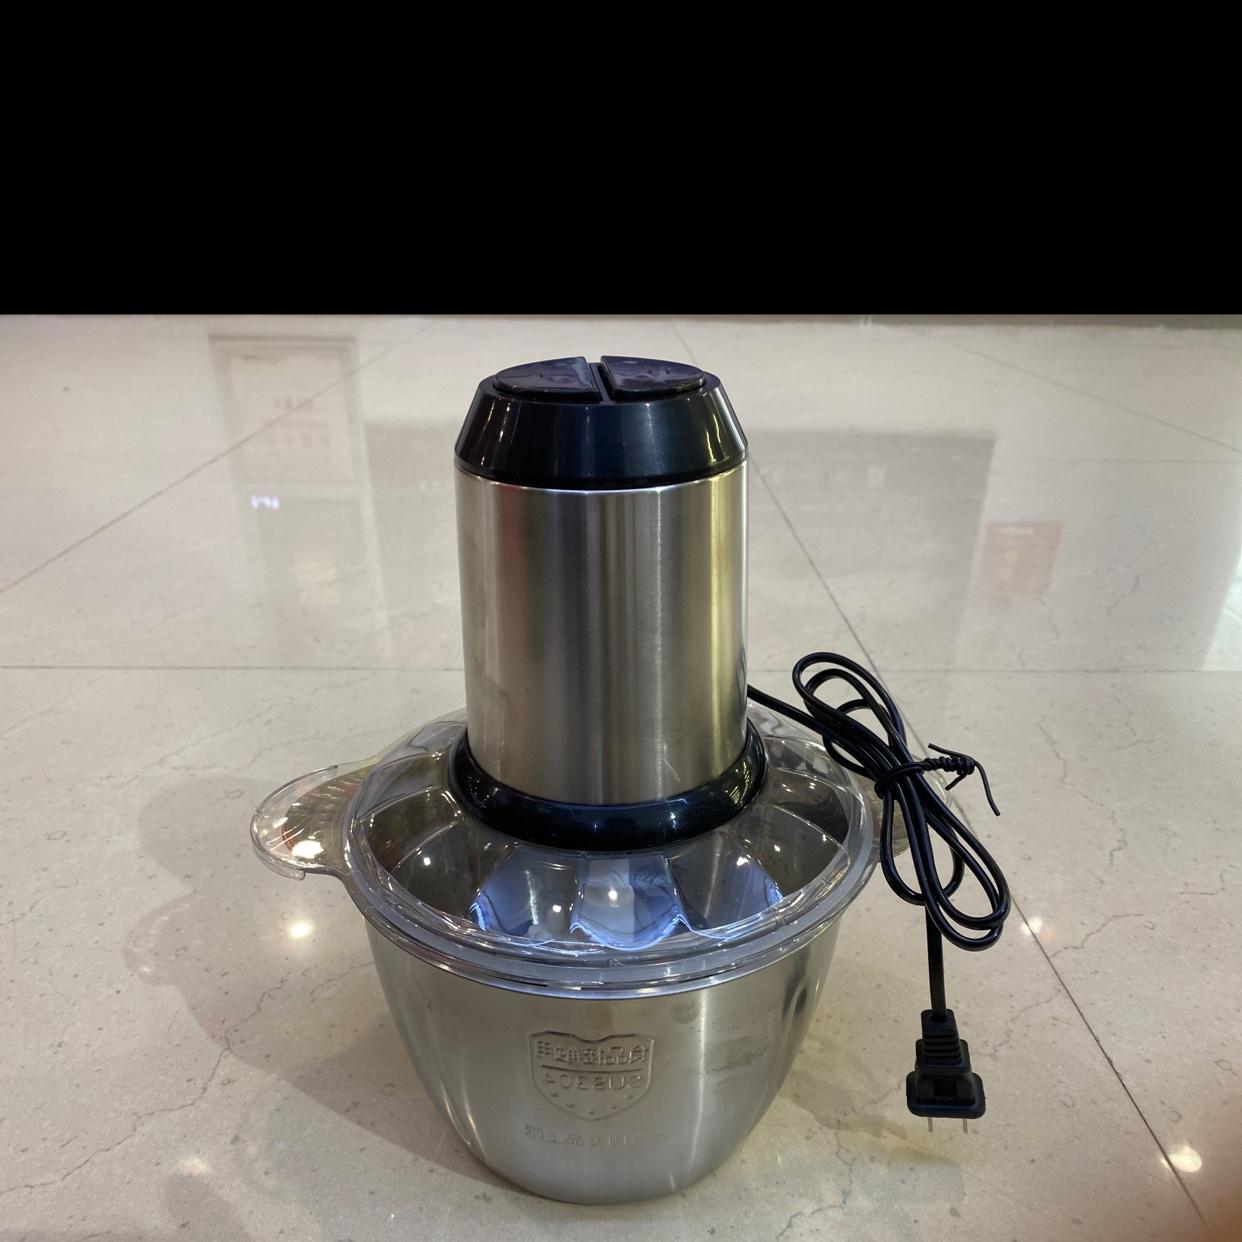 不锈钢304绞肉机家用电动、不锈钢全自动多功能小型料理搅拌机打碎肉馅机